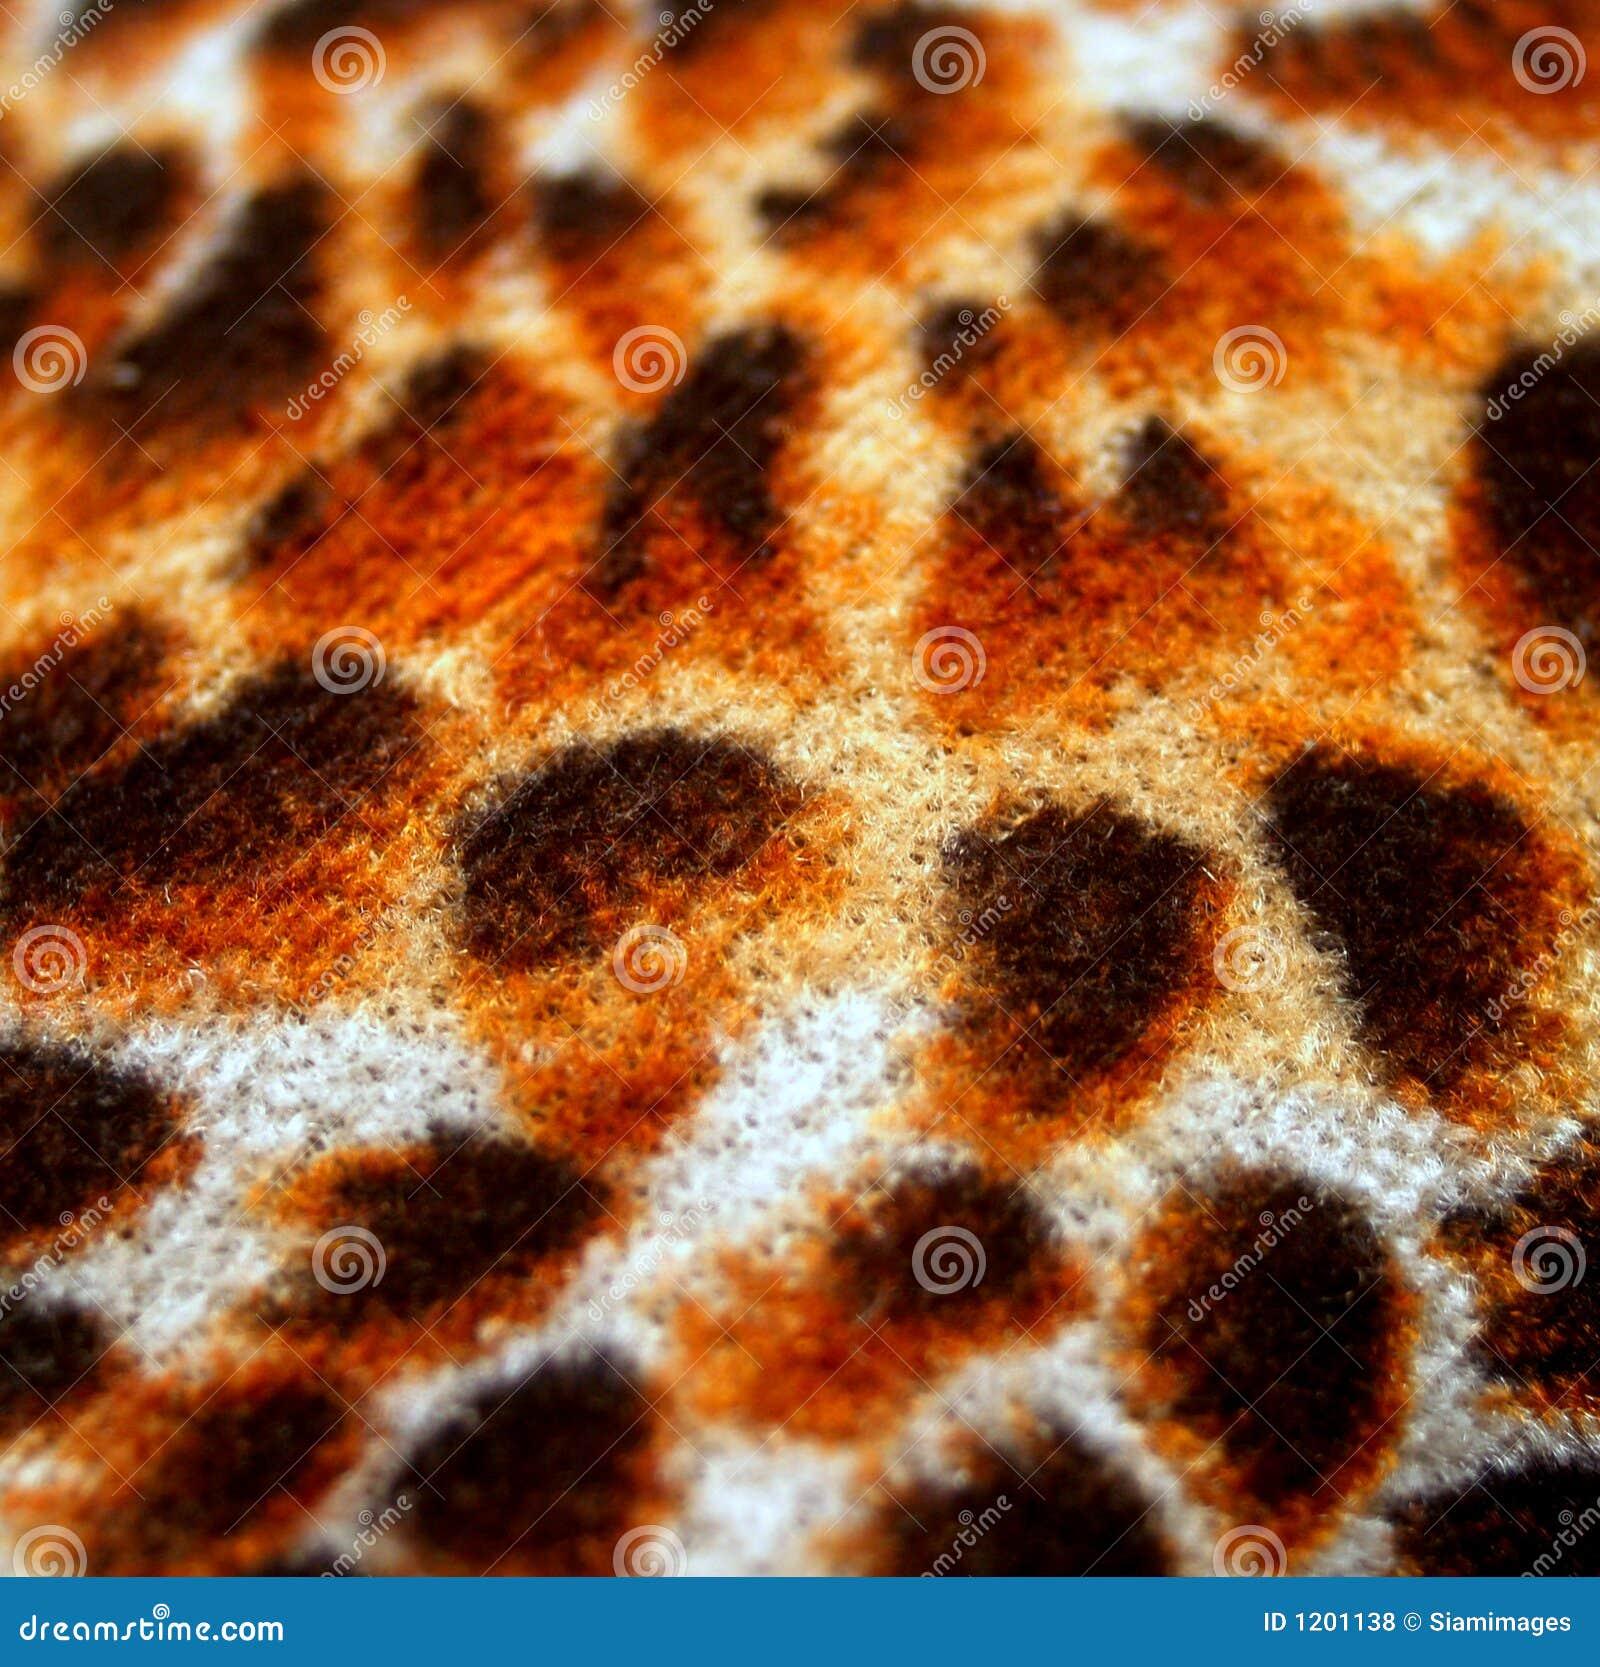 Tiger skin 1